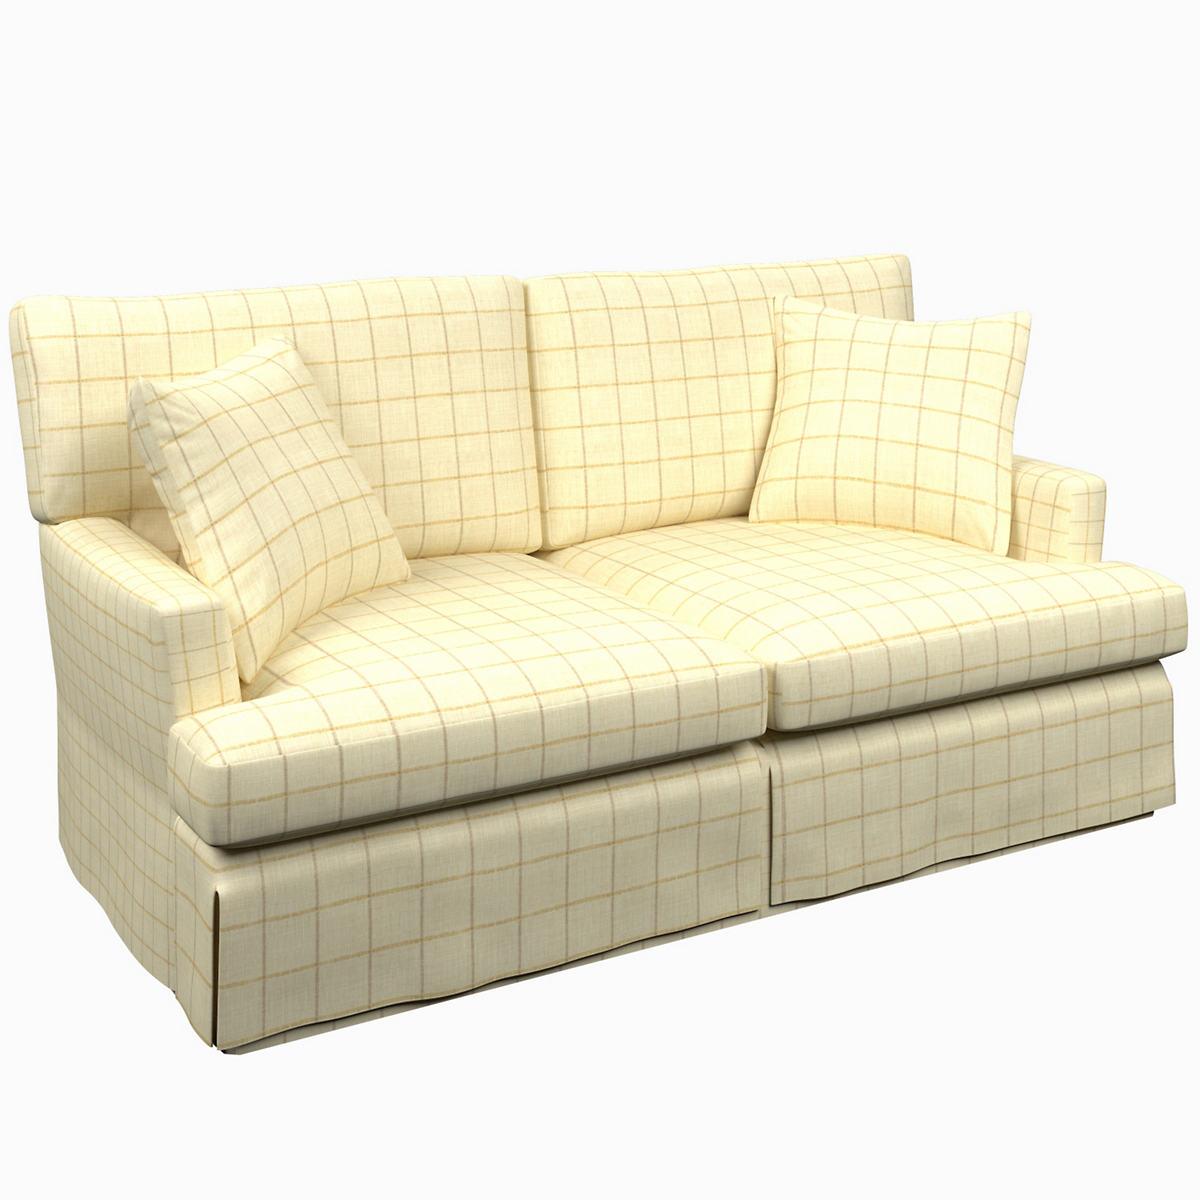 Chatham Tattersall Gold/Natural Saybrook 2 Seater Sofa